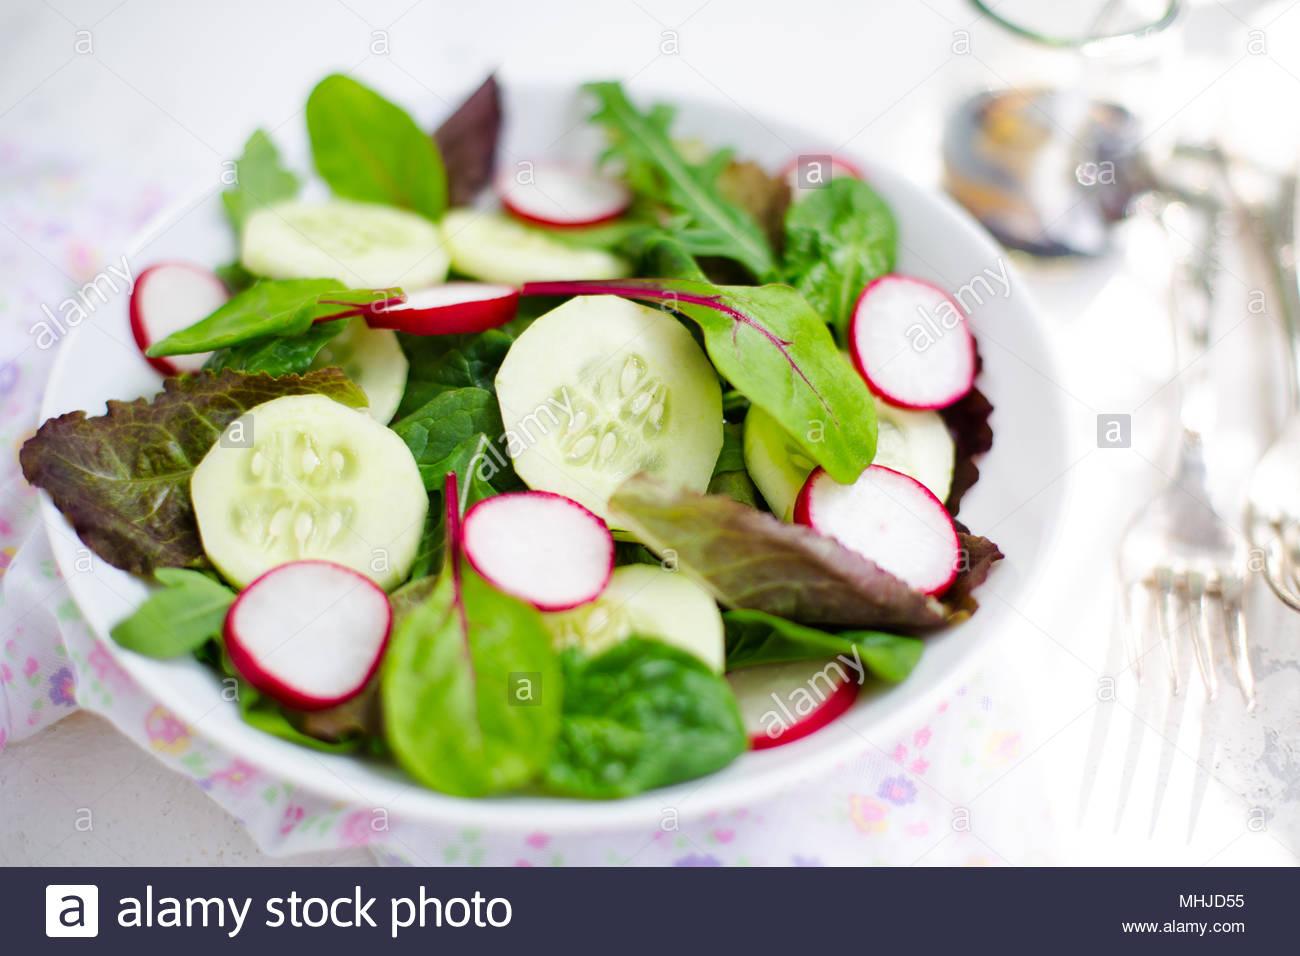 Salad củ cải đỏ baby